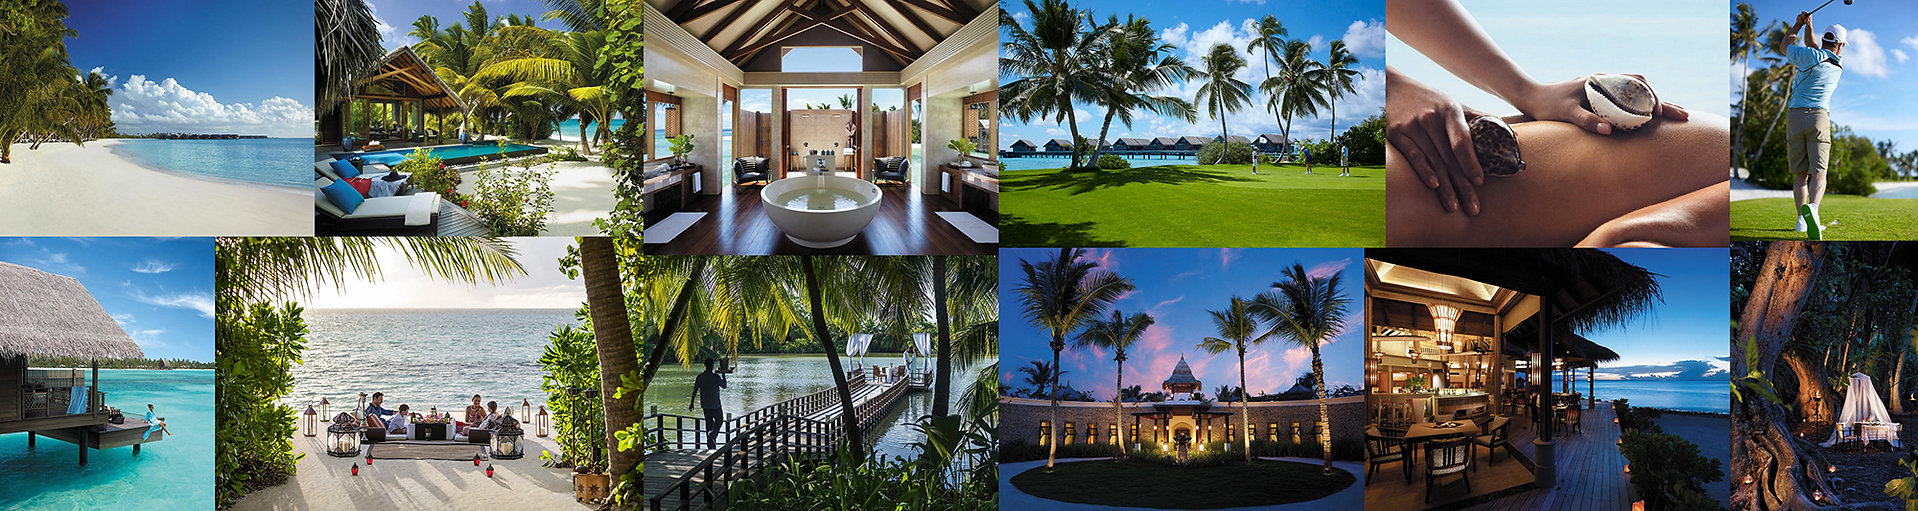 Golfová dovolená, resort Shangri-La Villingili na Maledivách.